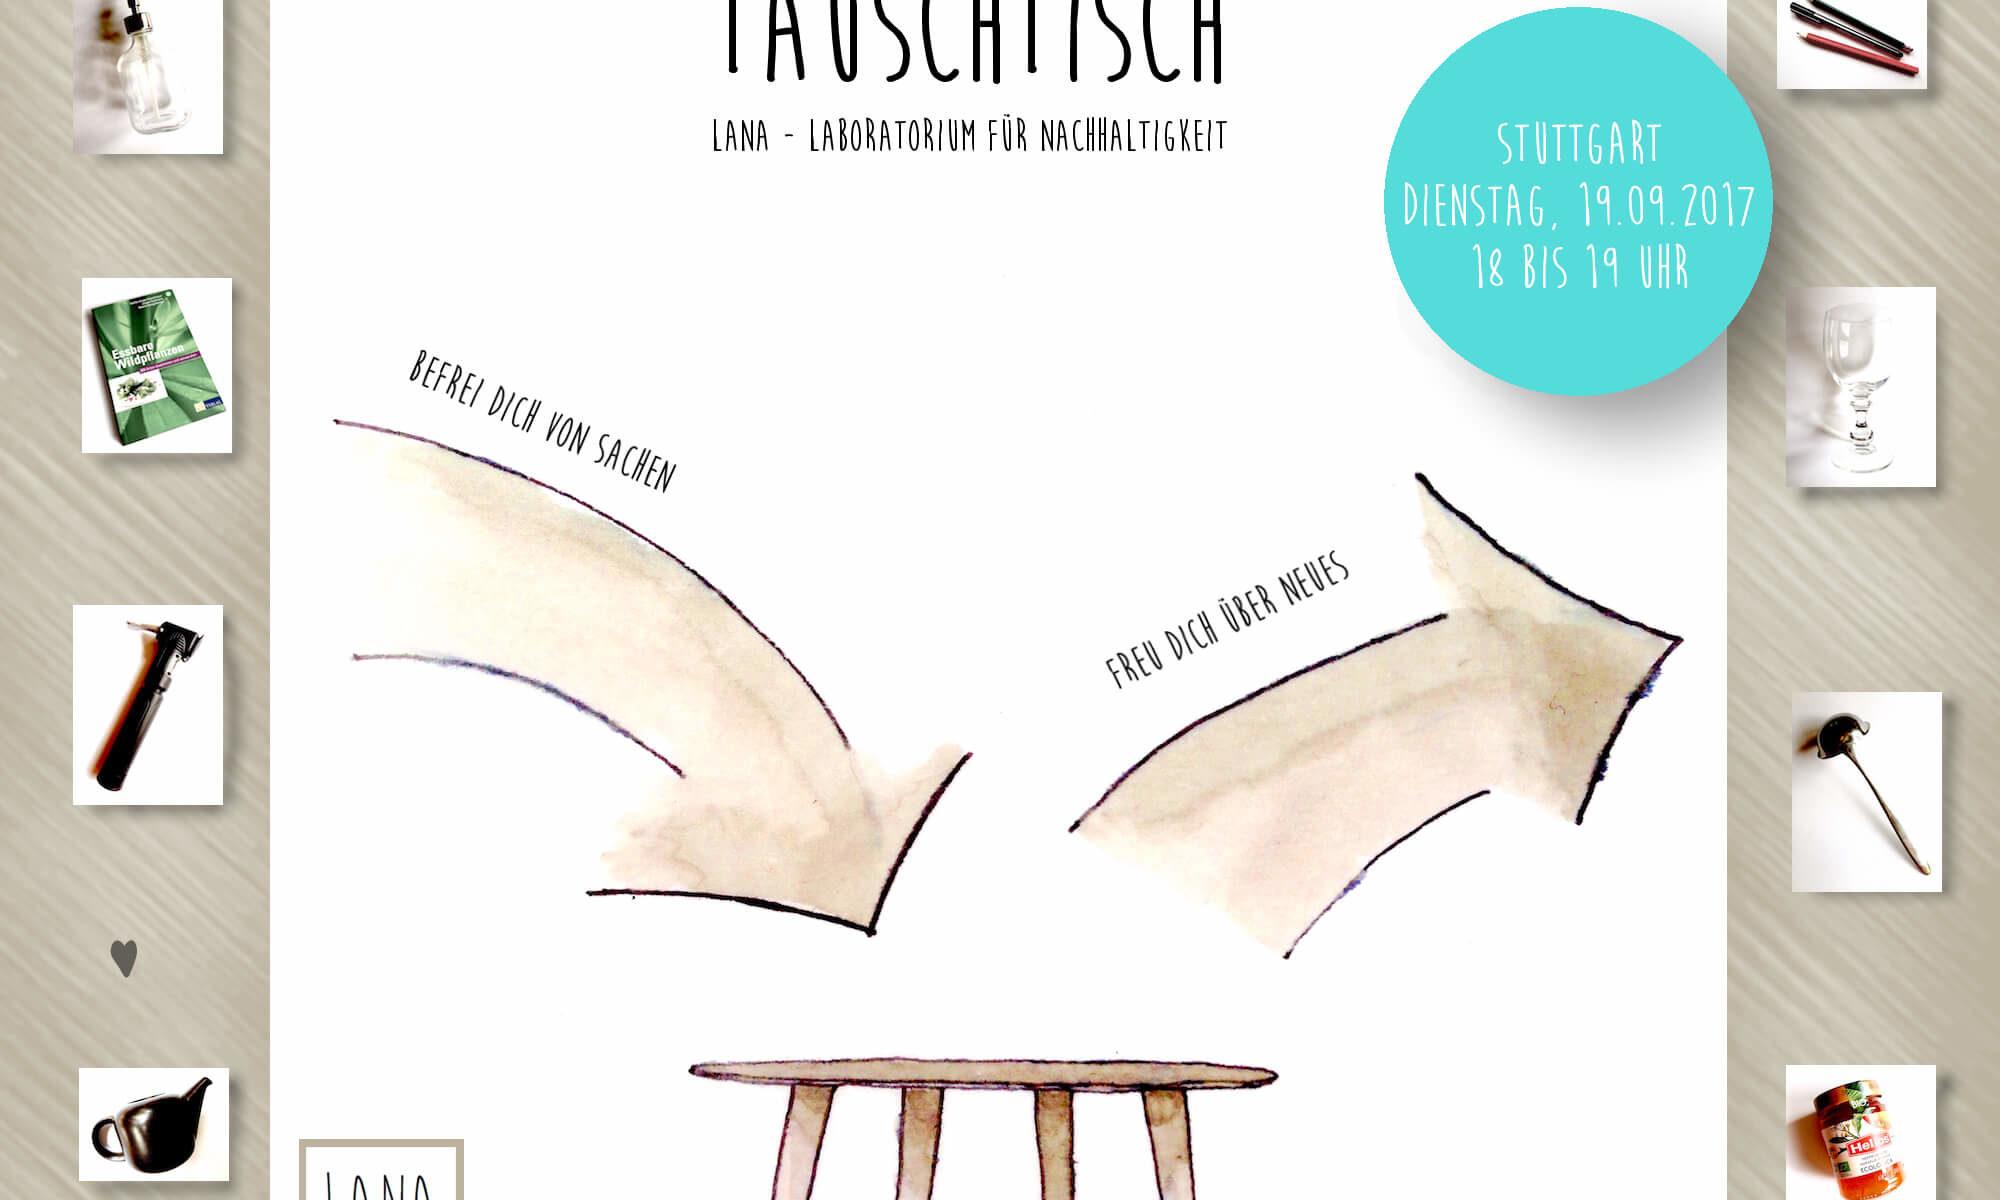 Tauschtisch - Befrei dich von Sachen, freu dich über Neues